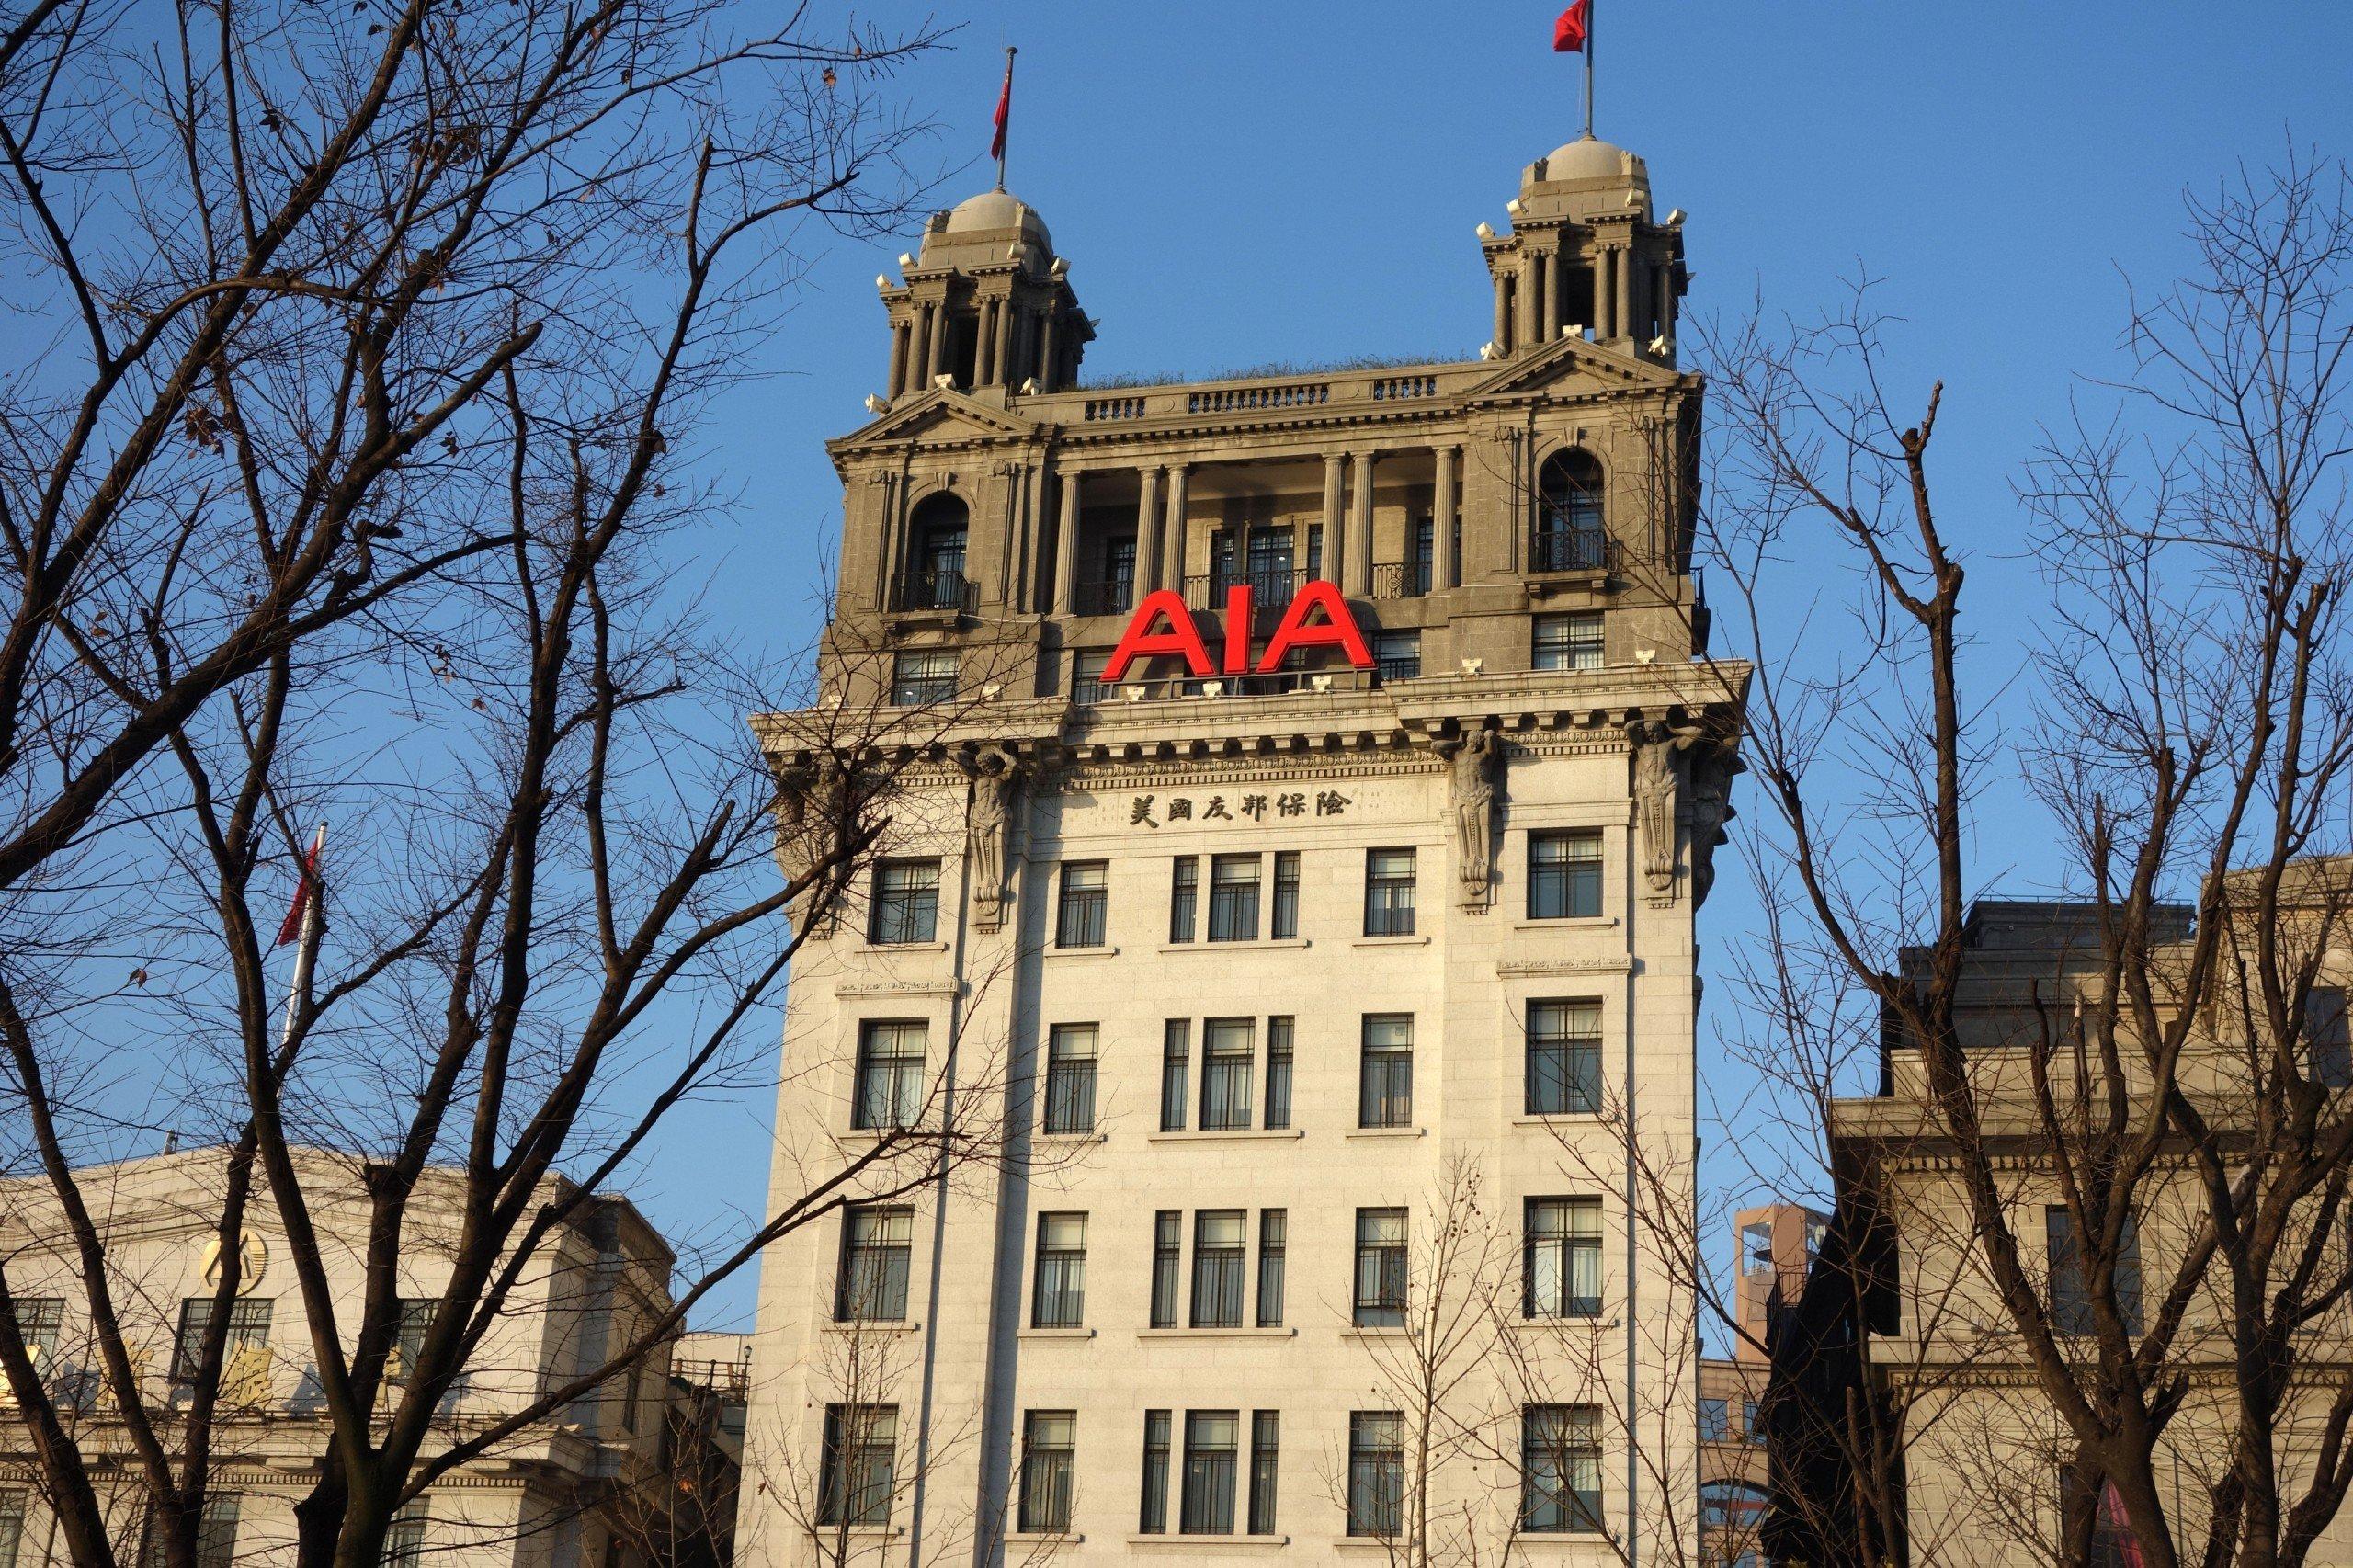 AIA's Shanghai office